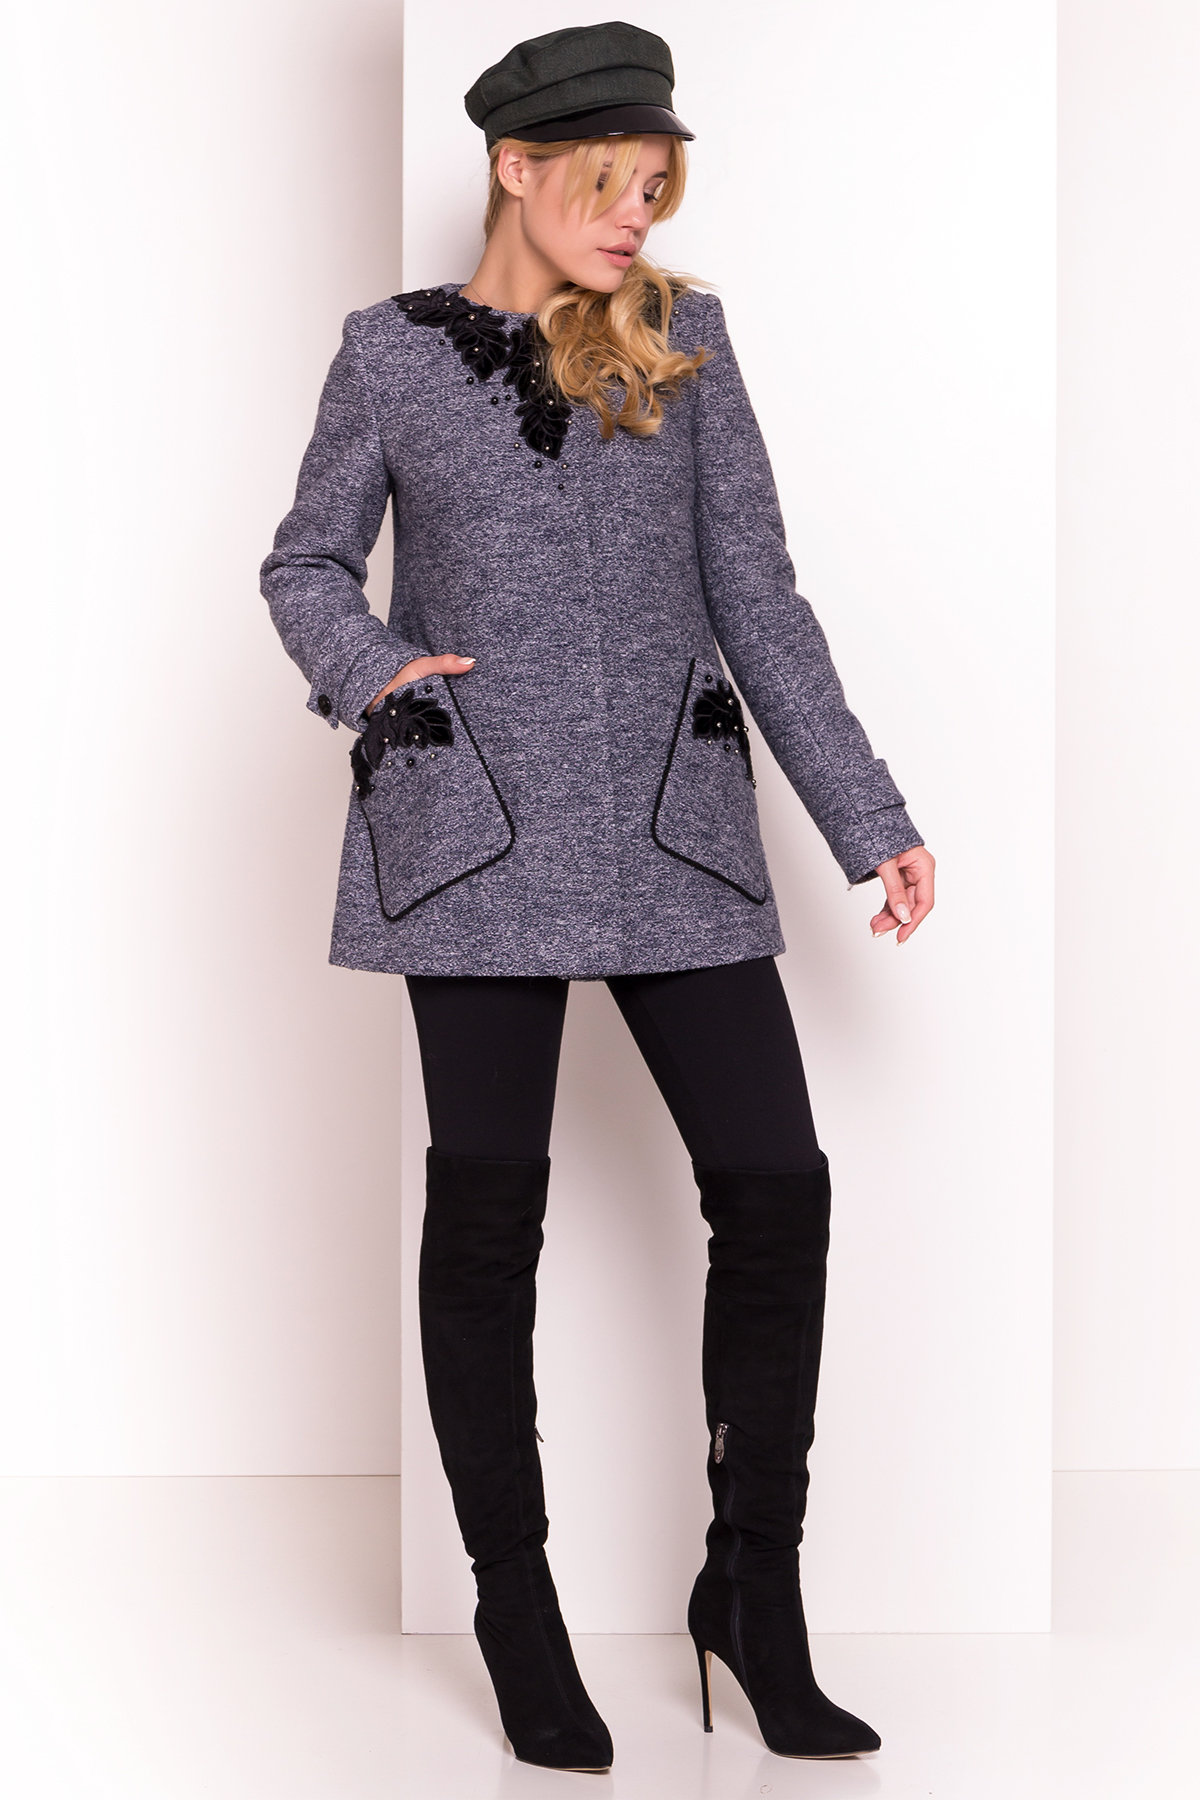 Пальто Латта 5328 АРТ. 36539 Цвет: Серый темный LW-22 - фото 4, интернет магазин tm-modus.ru